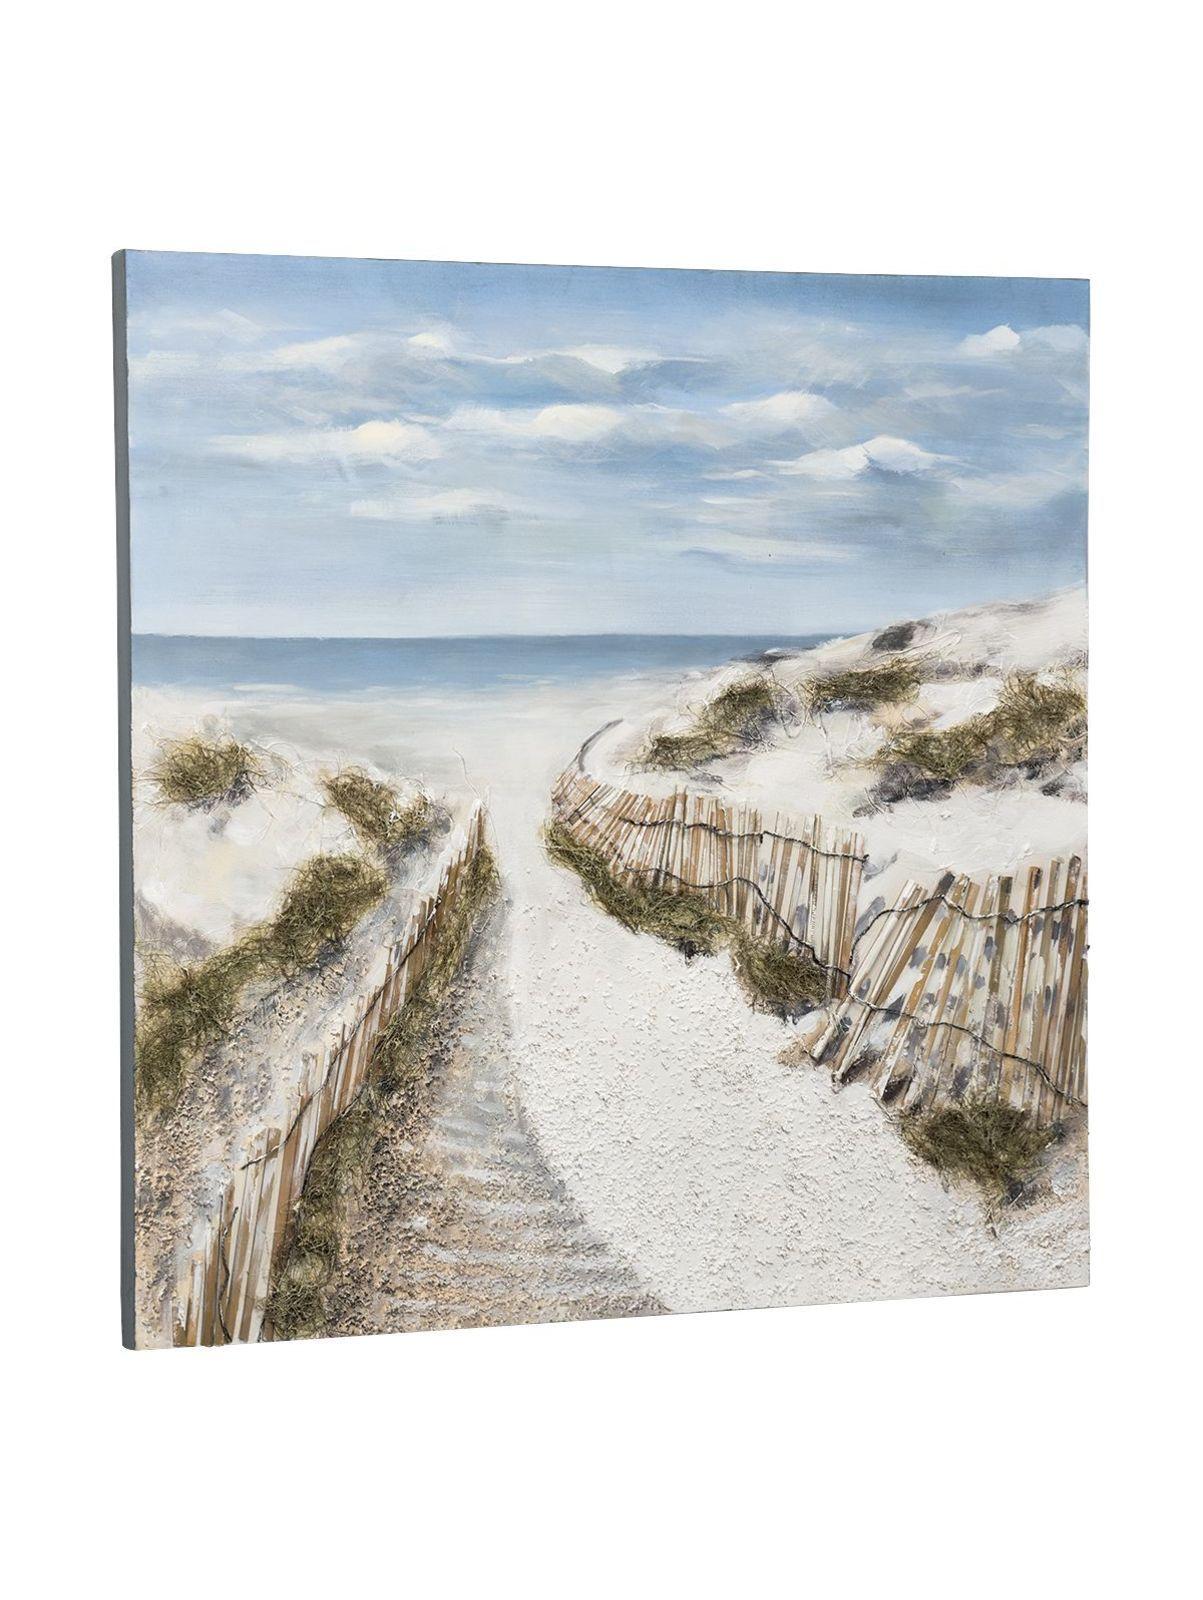 Pin von ladendirekt auf Dekoration | Pinterest | Maritime bilder ...